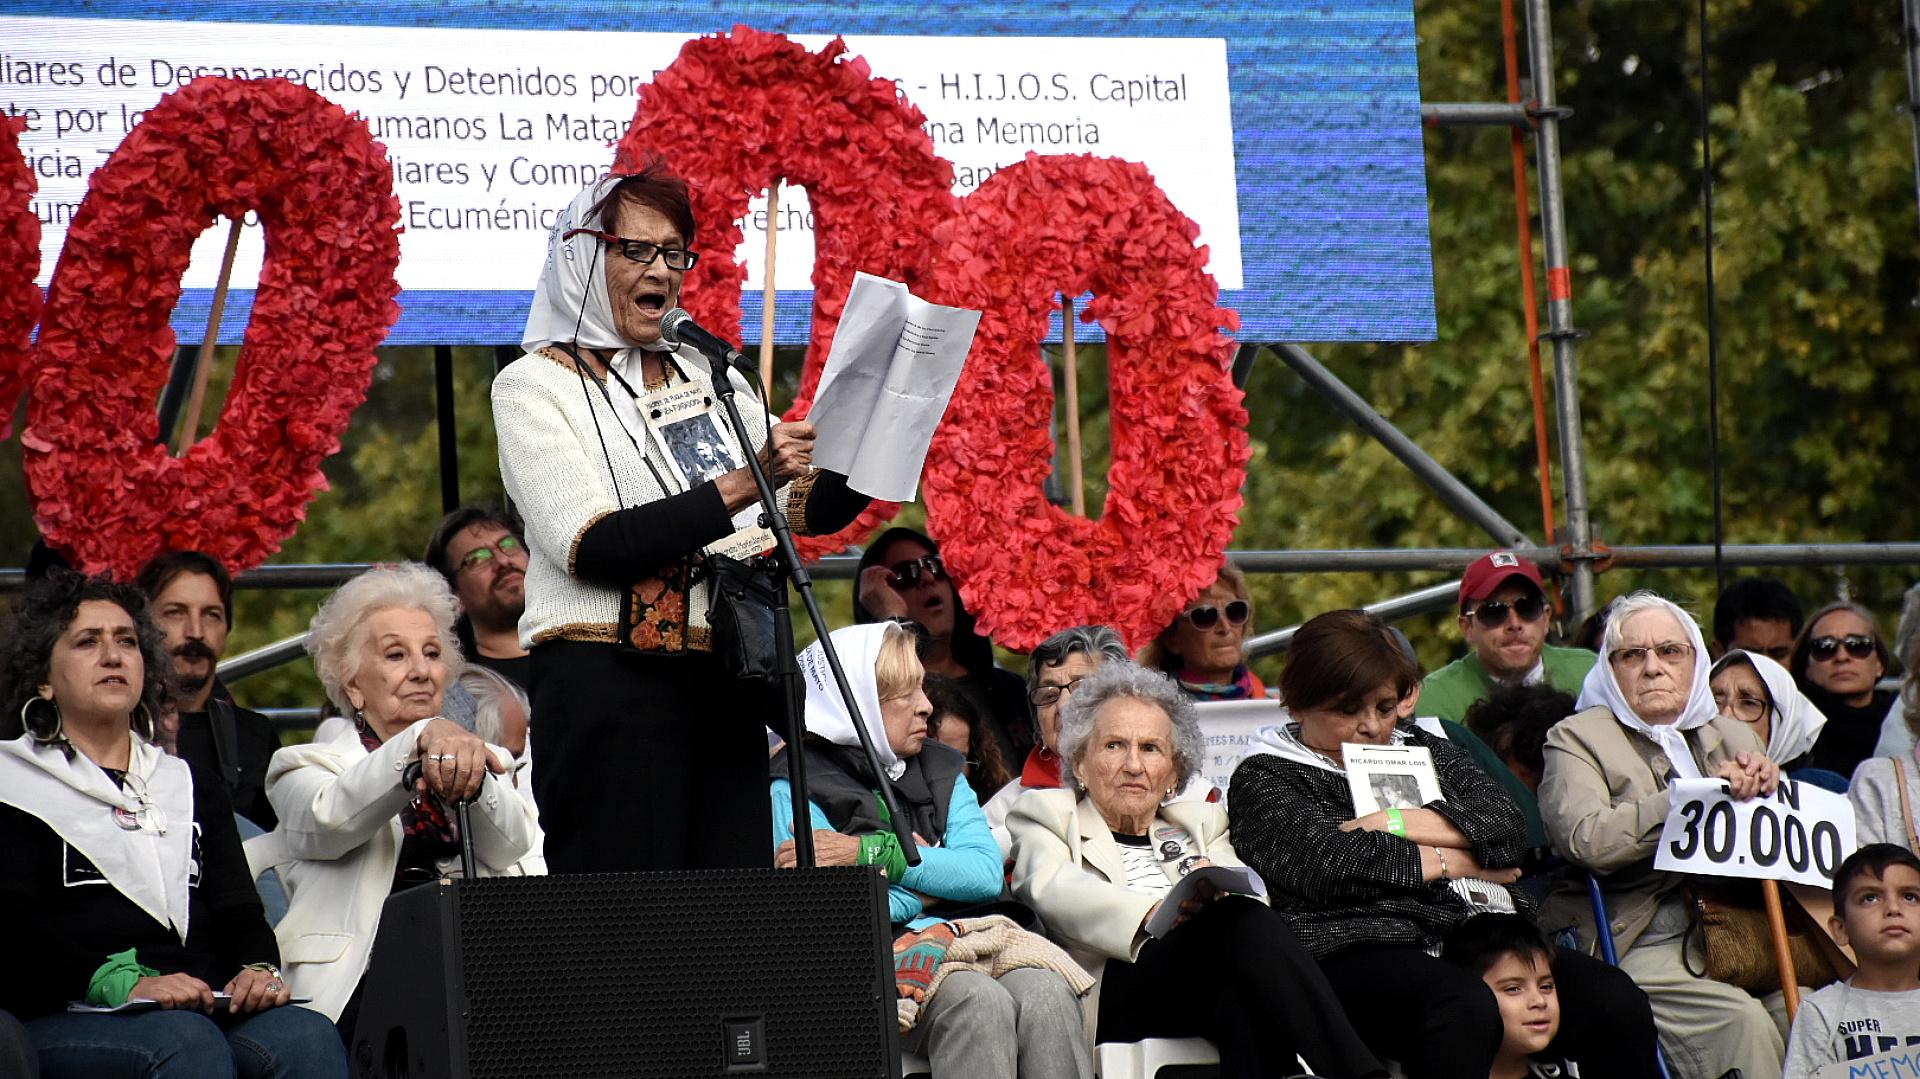 Taty Almeida, una de las referentes de Abuelas de Plaza de Mayo